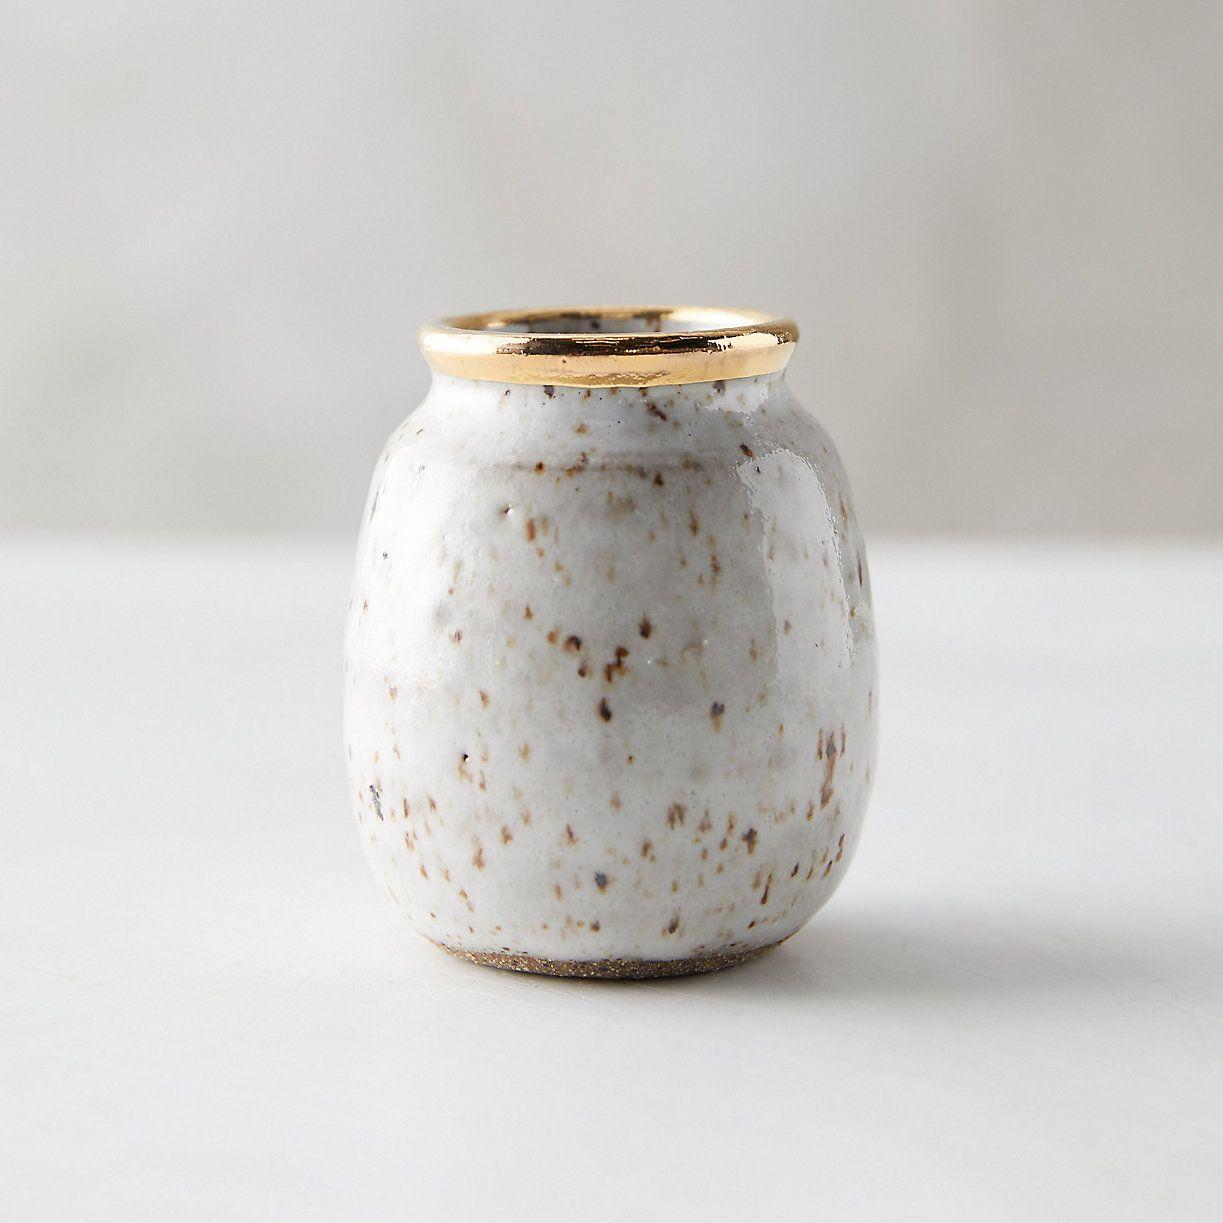 Speckled Stoneware Bud Vase In 2021 Bud Vases Vase Vase Shop